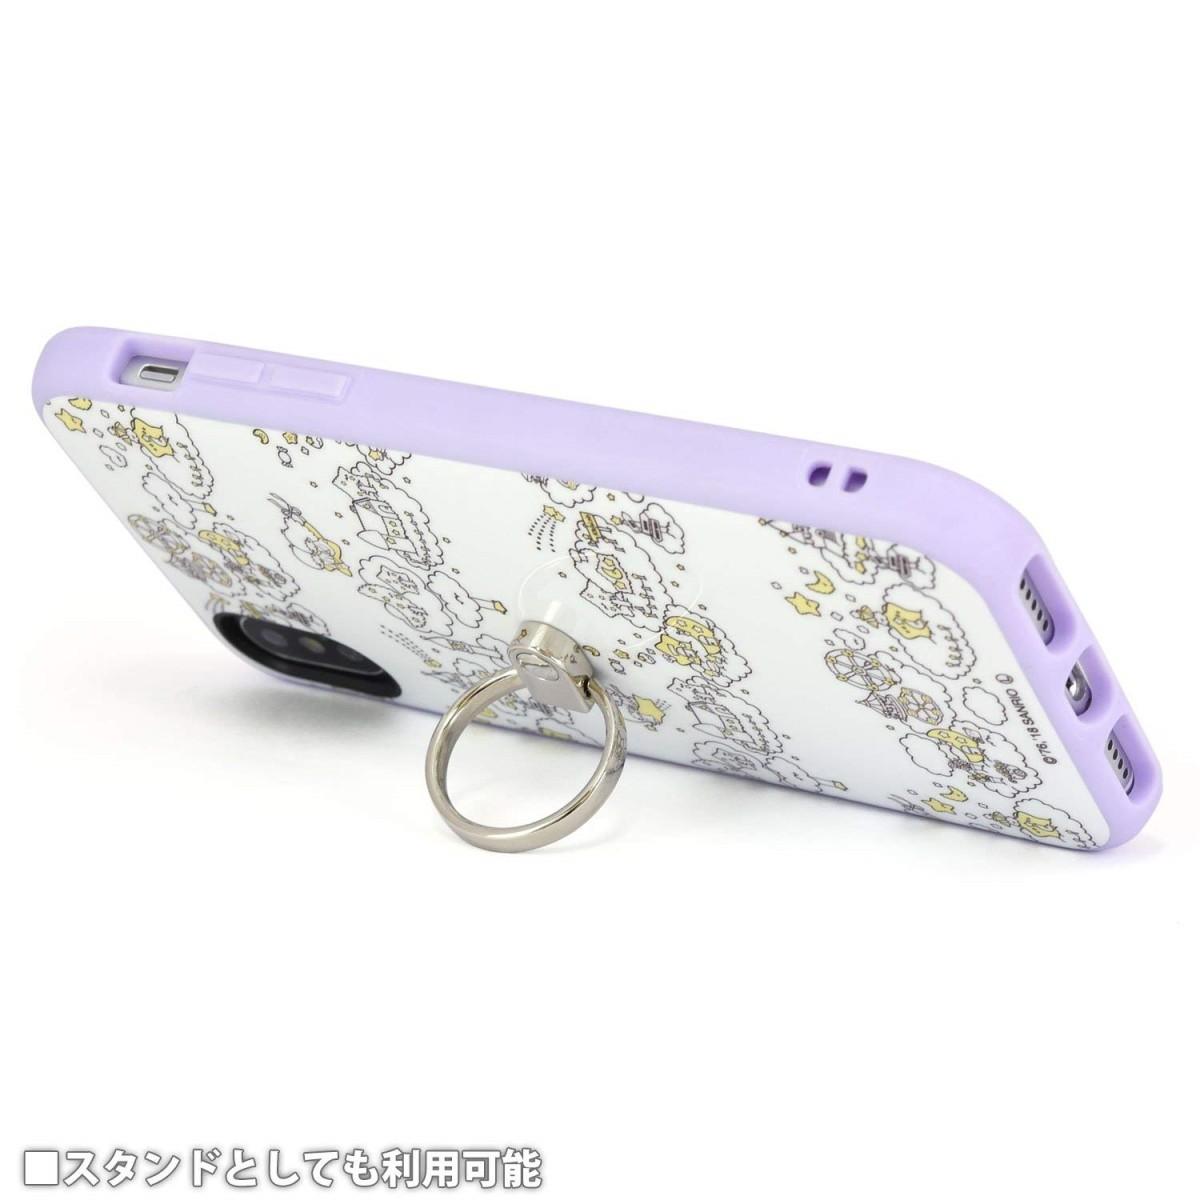 iPhone X用 サンリオキャラクターズ IIIIfitリングケース キキ&ララ SAN-795TSの商品画像 4